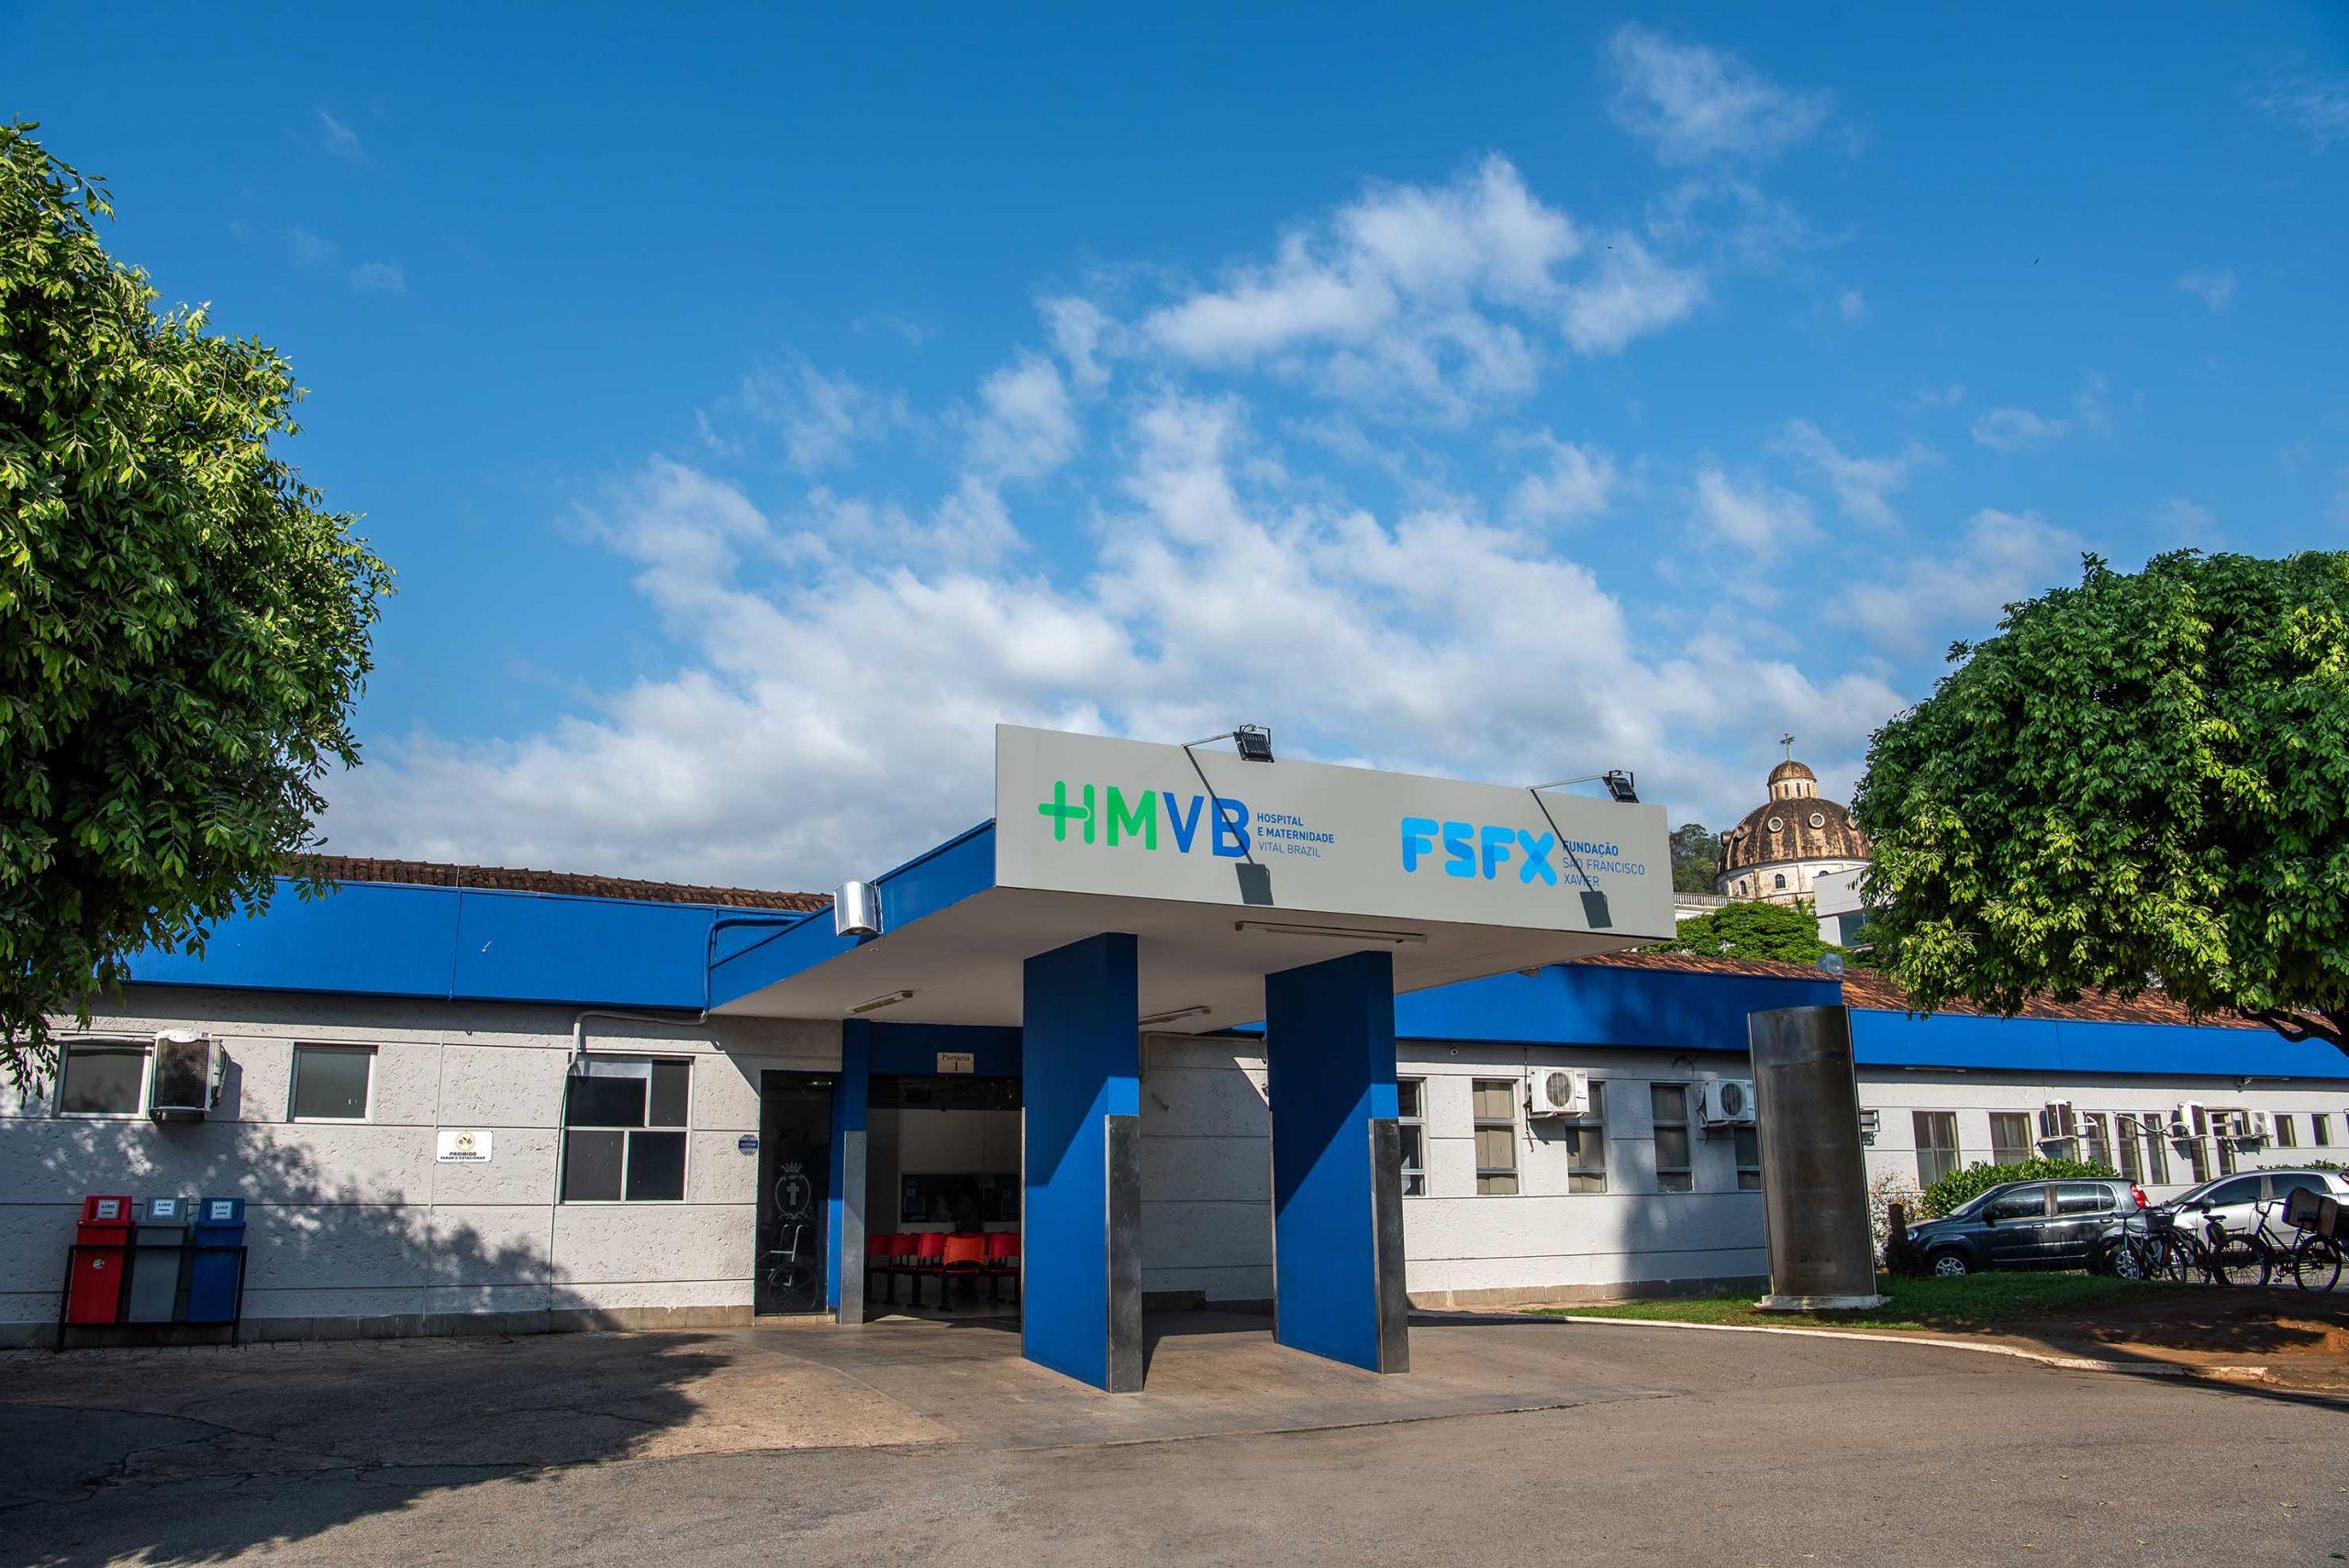 Balanço dos seis primeiros meses de gestão do Hospital e Maternidade Vital Brazil é apresentado pela FSFX